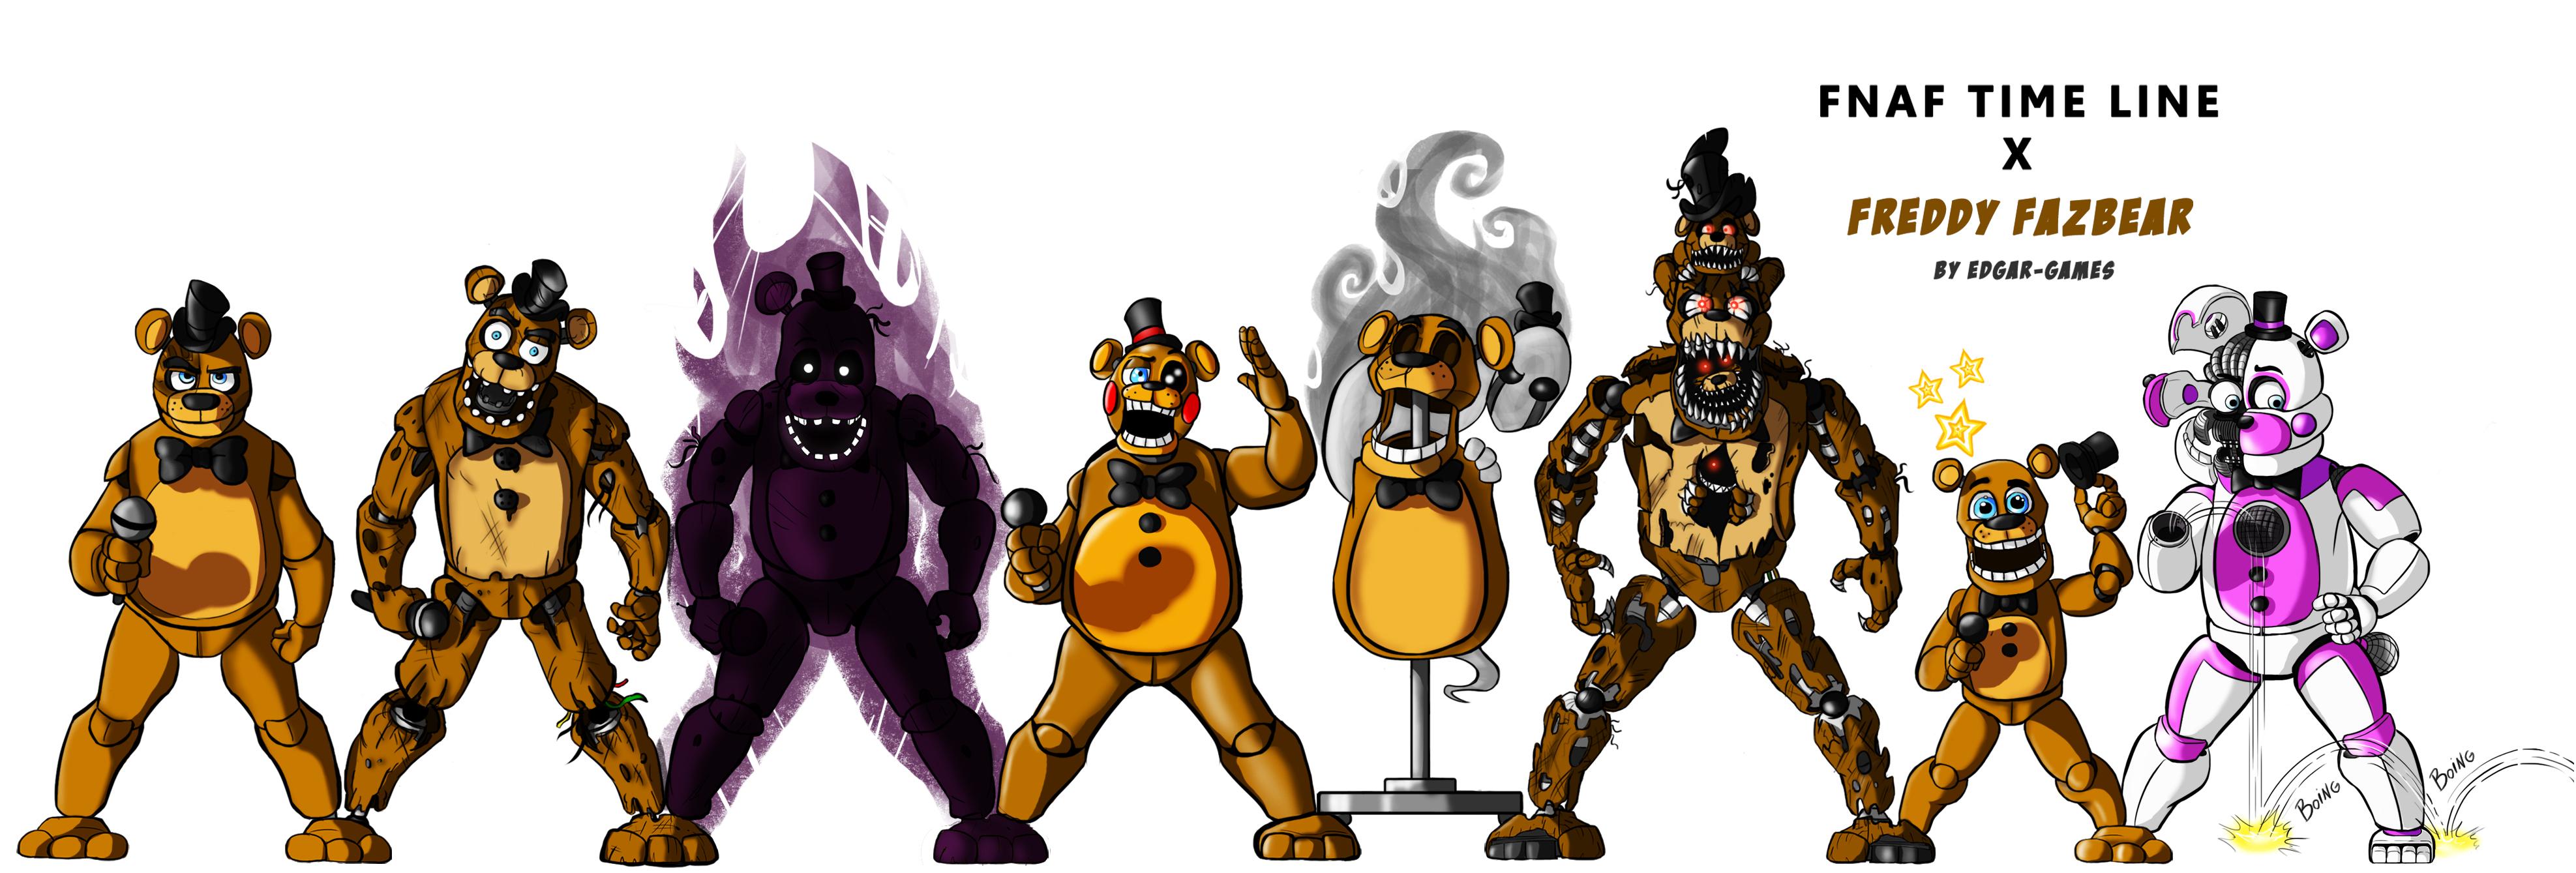 Freddy Fazbear Fnaf Time Line By Edgar Games On Deviantart